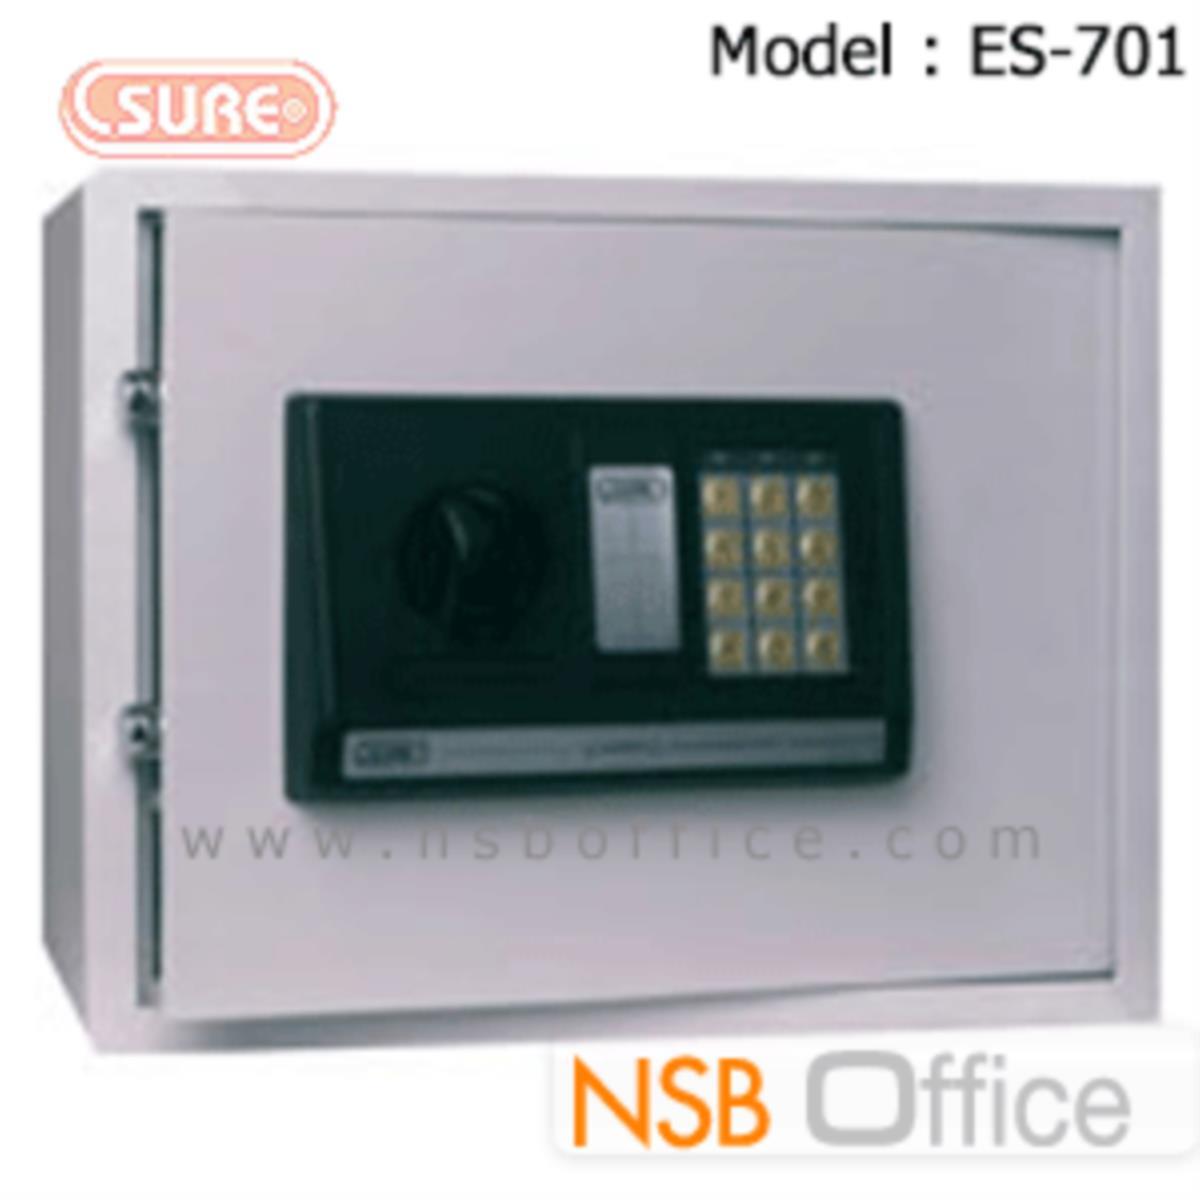 ตู้เซฟดิจิตอล SR-ES-701 (1 รหัสกด / ปุ่มหมุนบิด) ขนาด 35W*25D*25H cm.